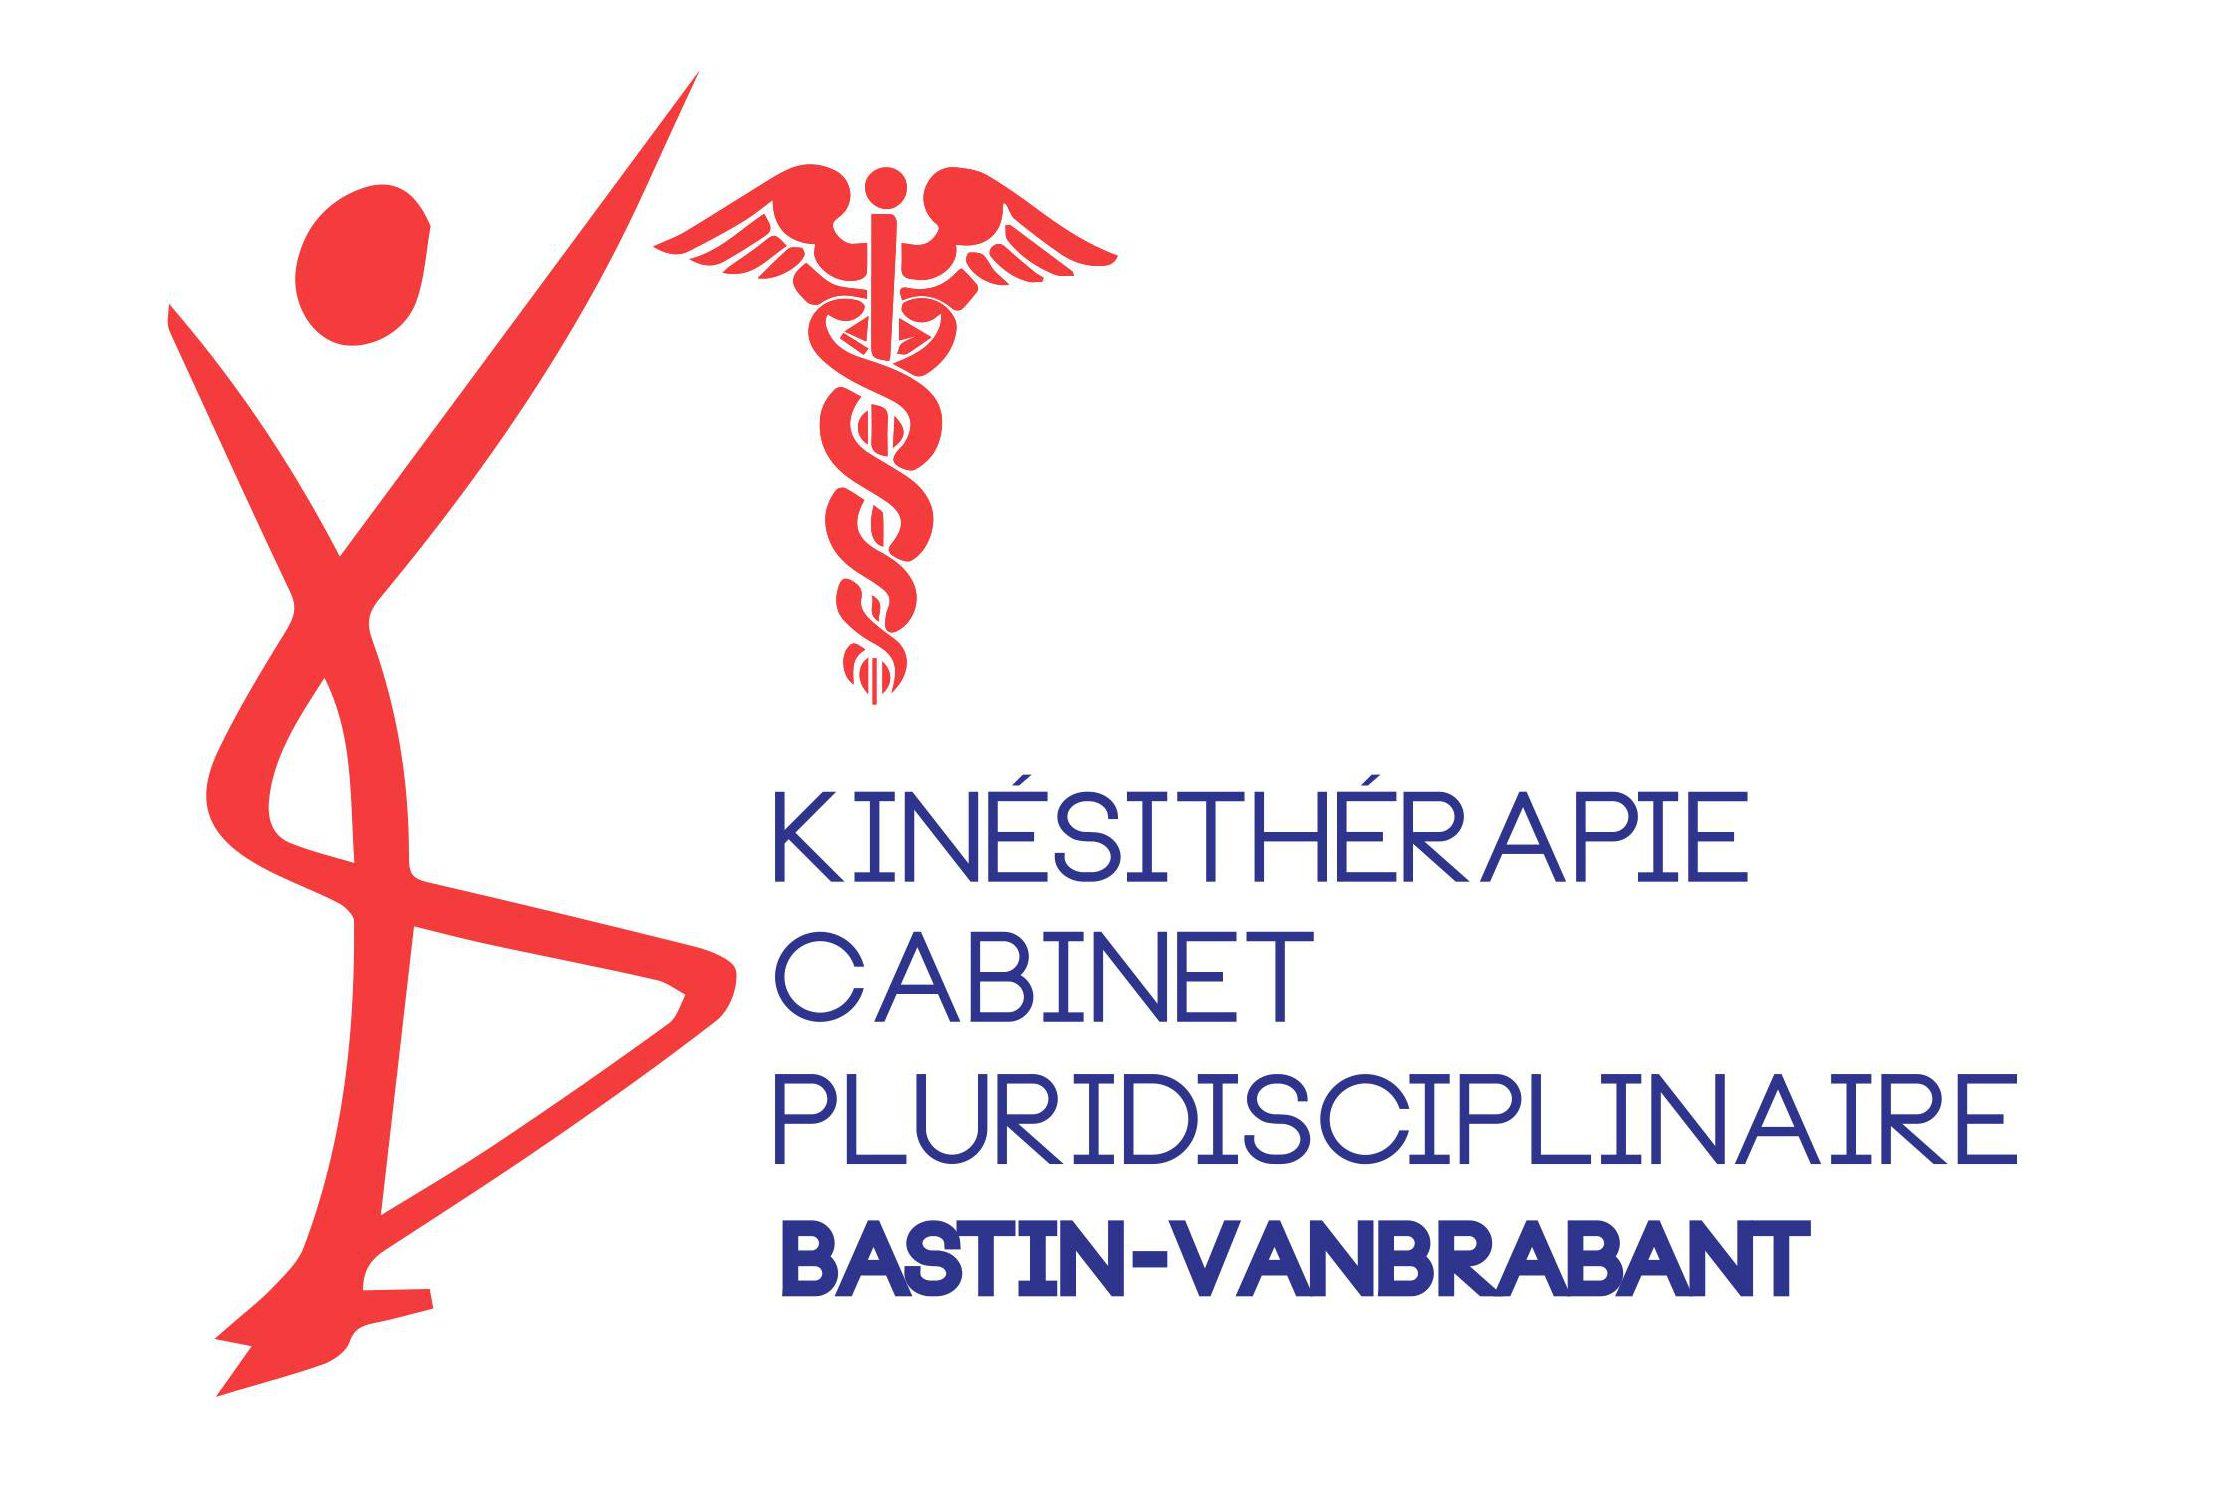 Bastin-Vanbrabant